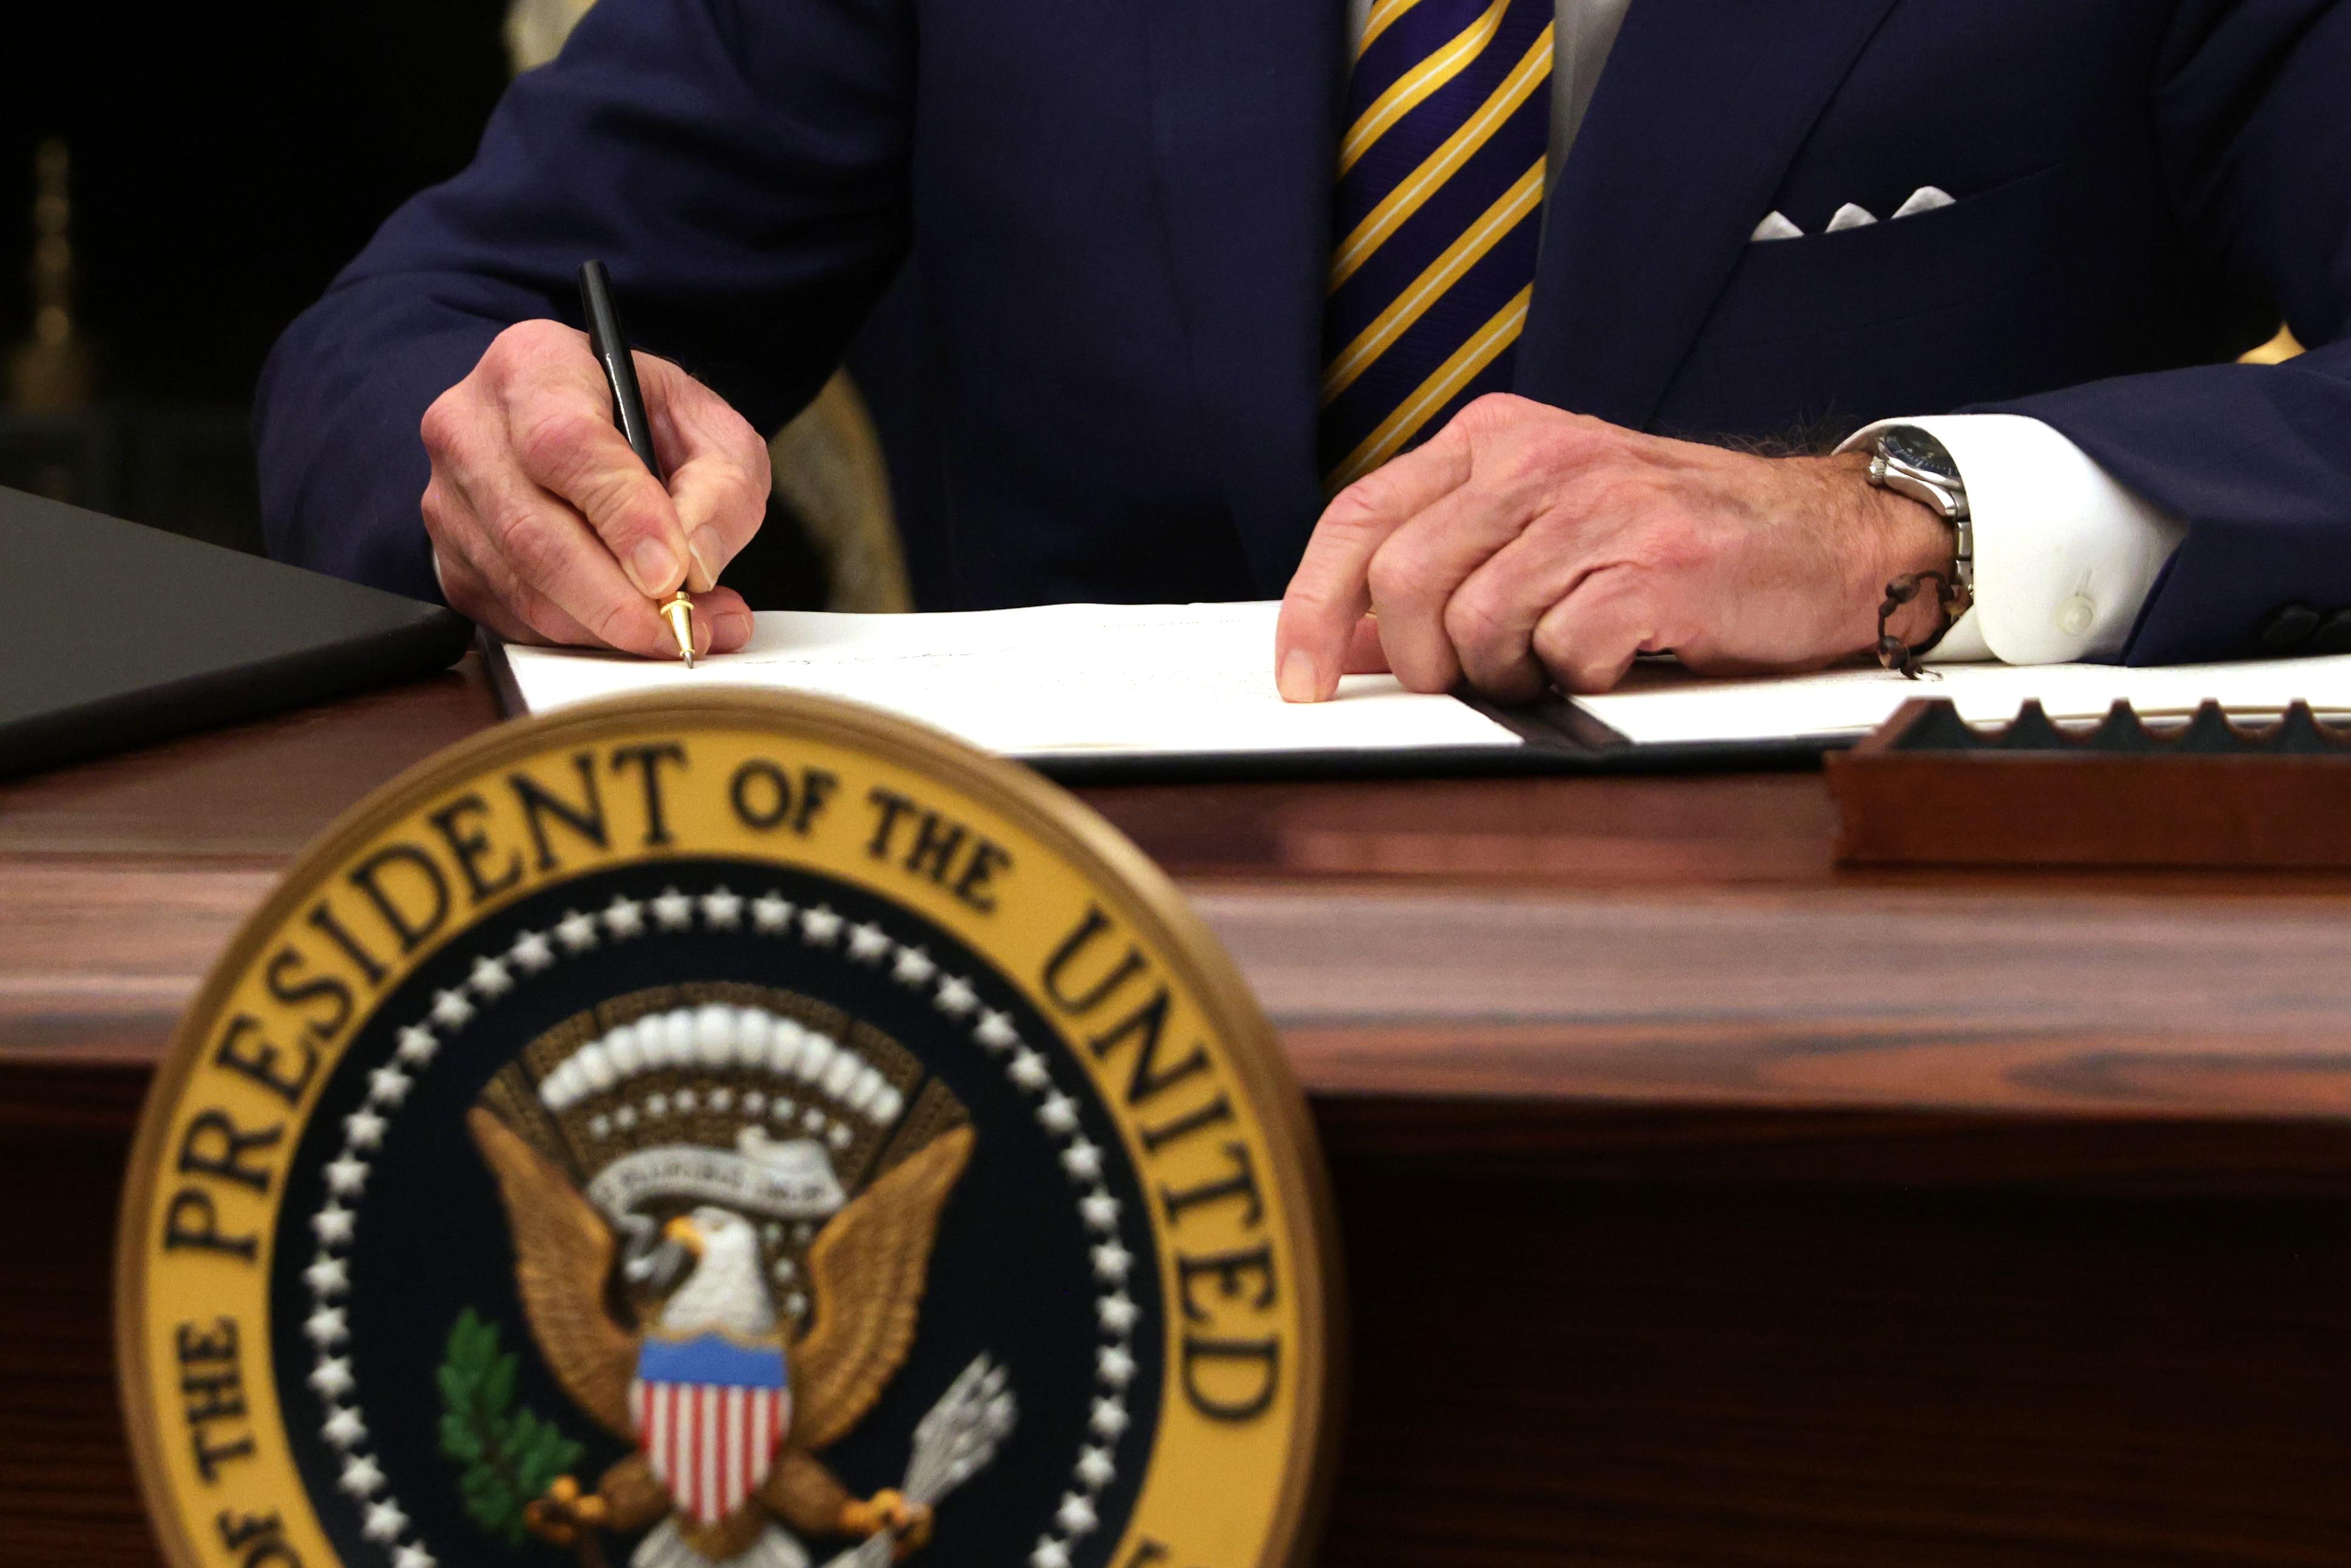 米国大統領ジョー・バイデンは、2021年1月22日にホワイトハウスで開催されたイベント中に大統領命令に署名しました。